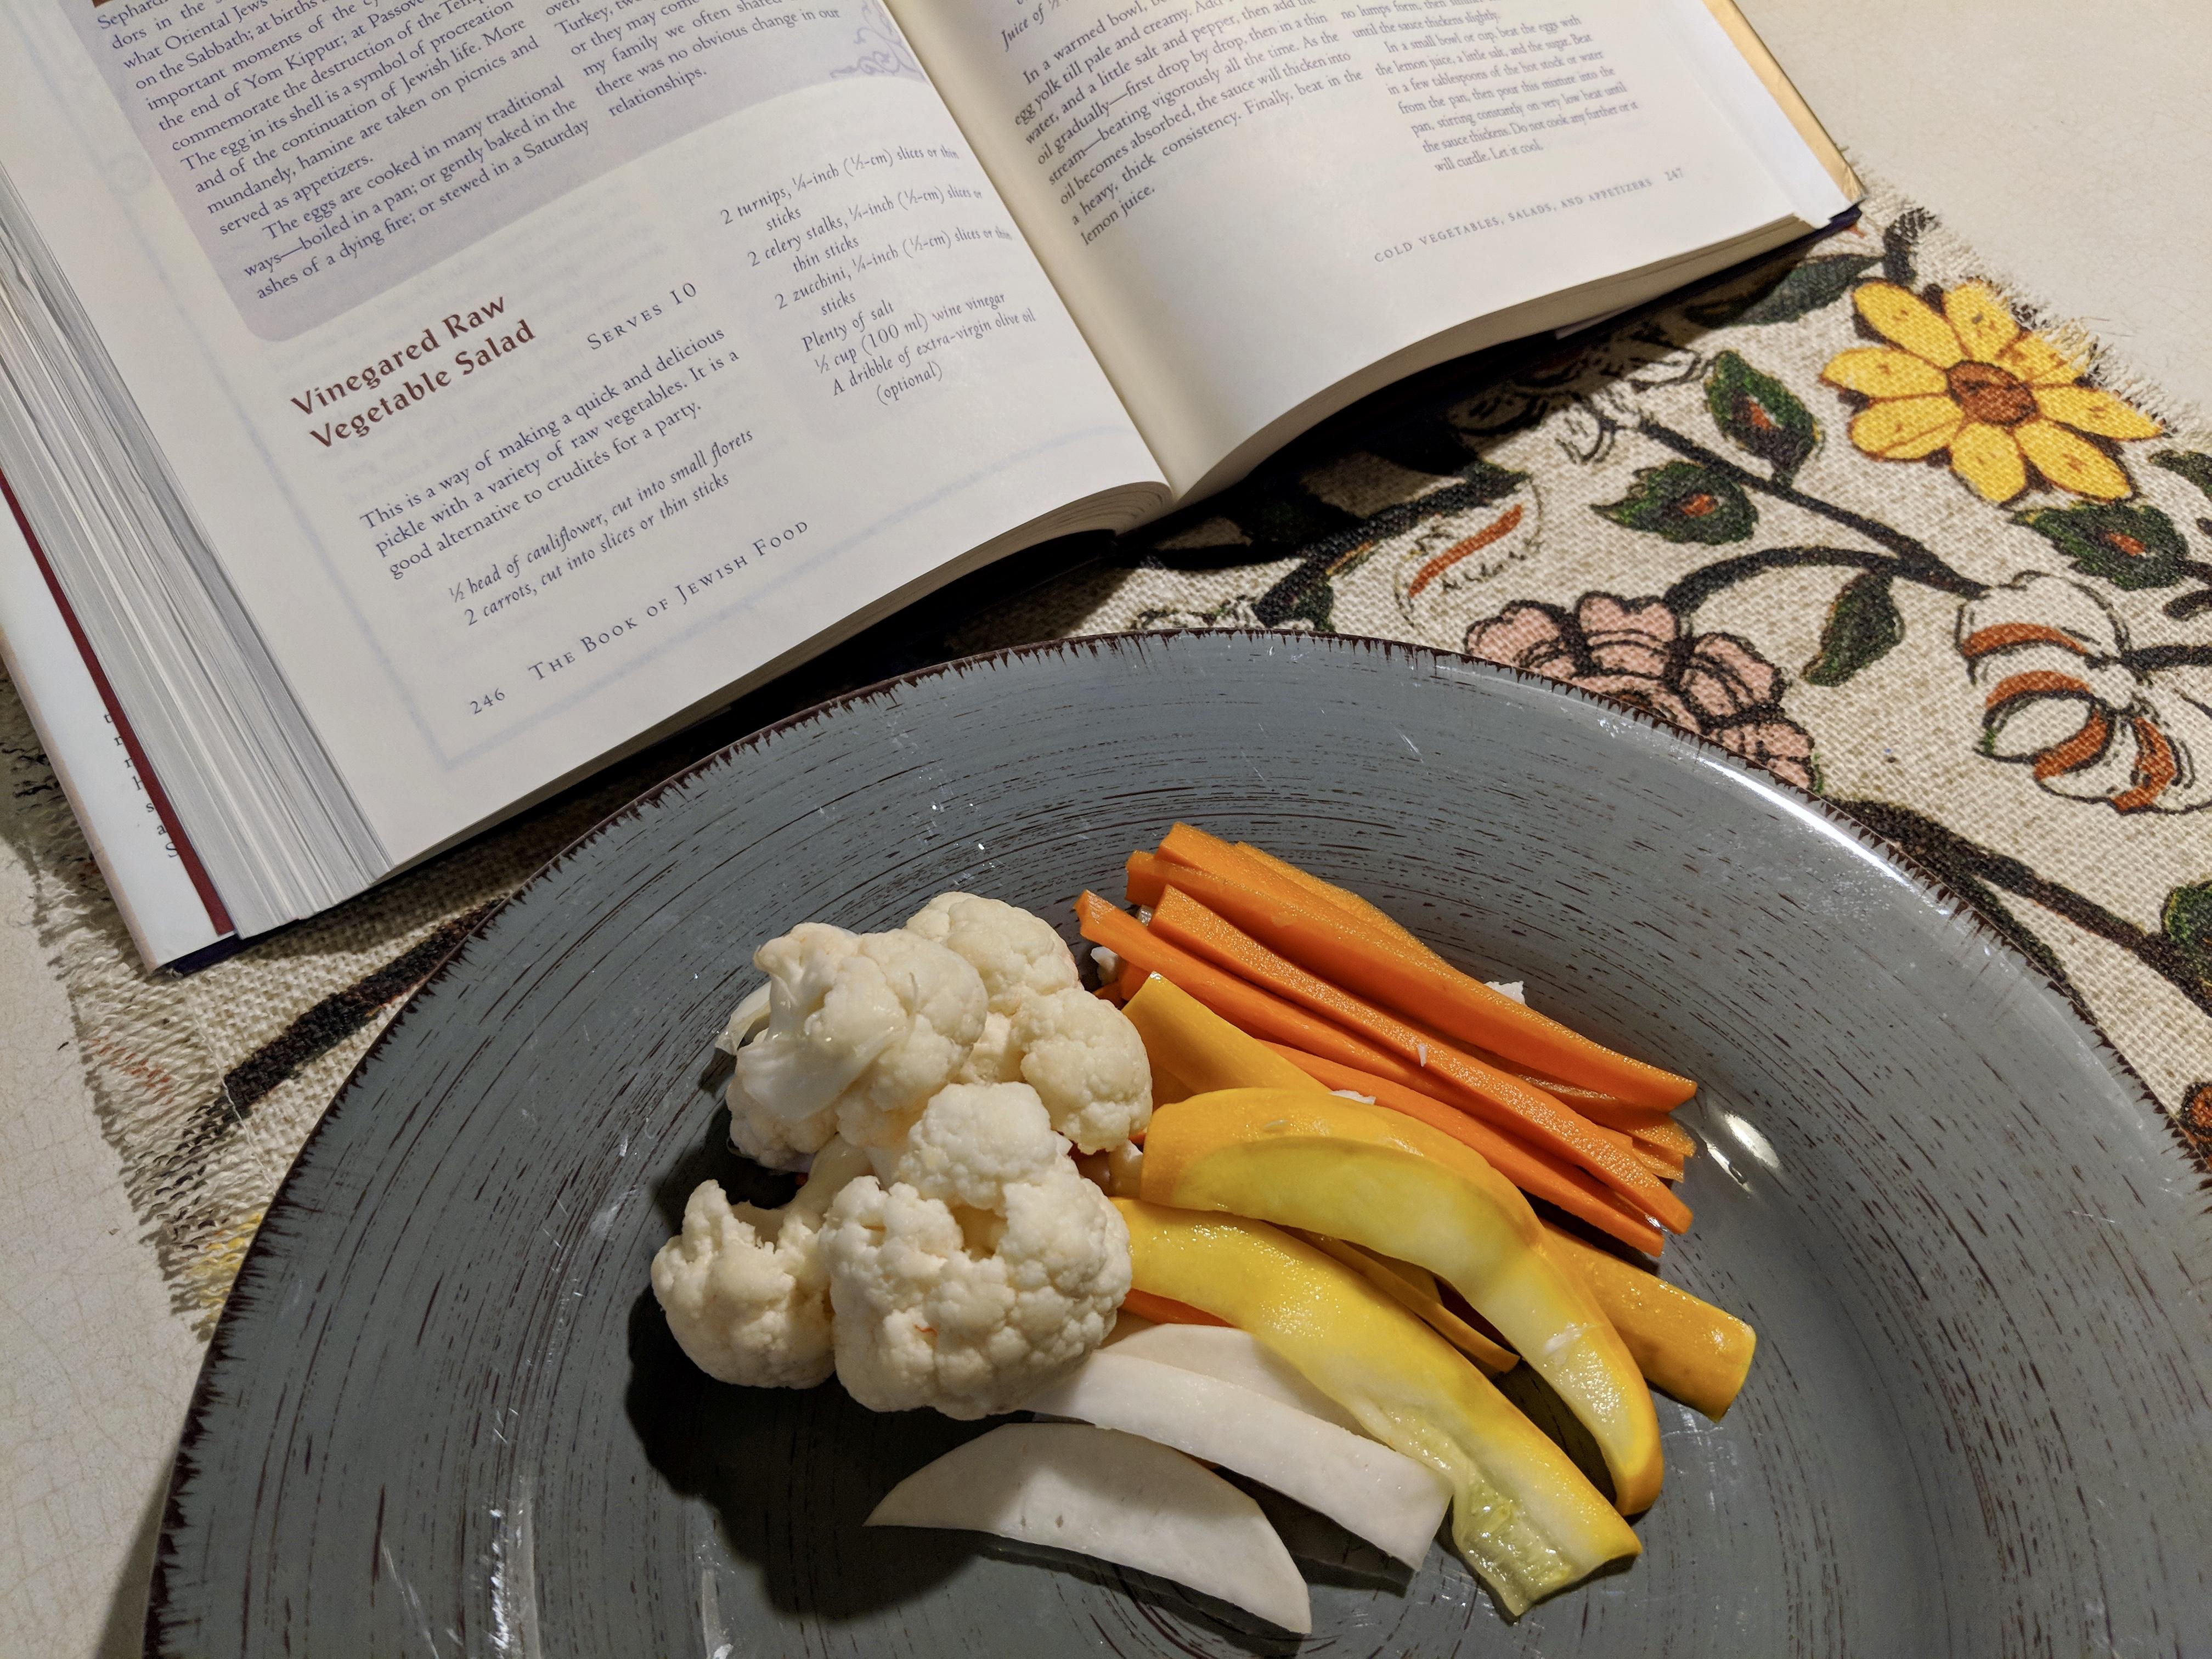 Meal 30 - Vinegared Vegetable Salad